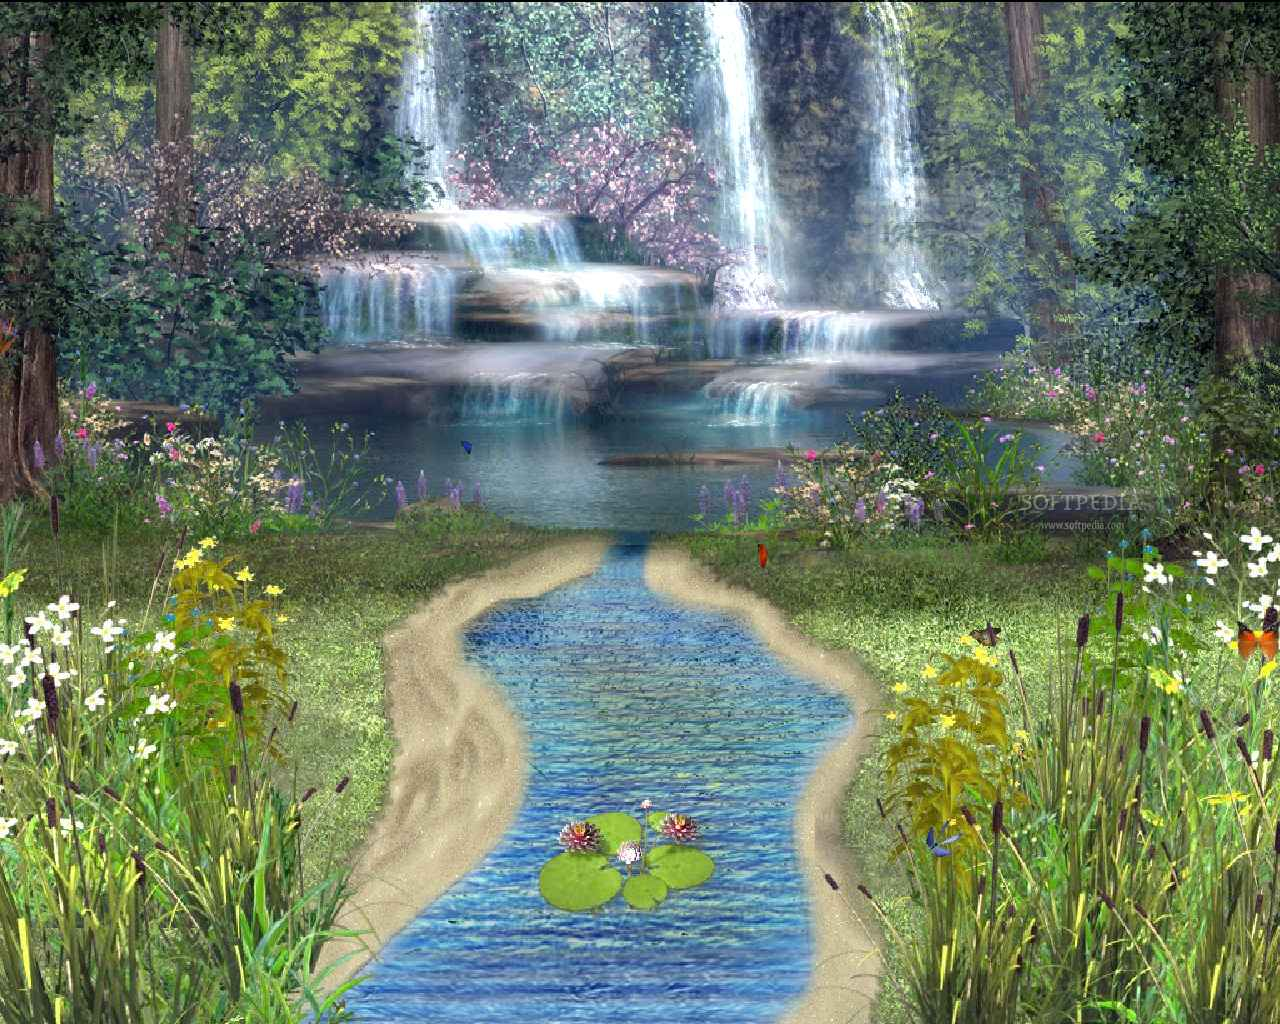 http://3.bp.blogspot.com/_TN0ViYuKG4E/TLvL742wejI/AAAAAAAAADs/ZgarGVdXaUk/s1600/Spring-Forest-Animated-Wallpaper_1.jpg